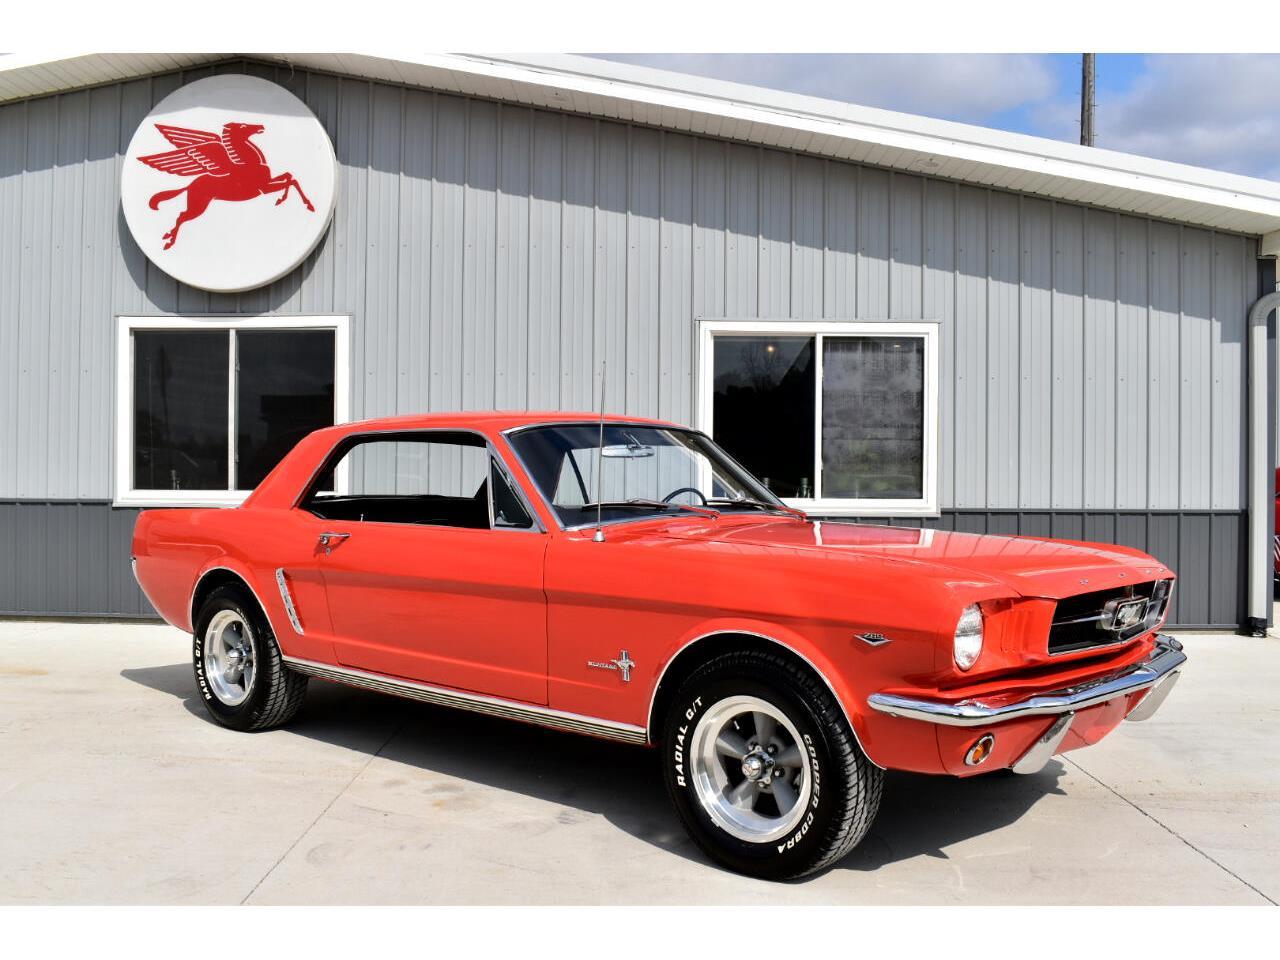 Ford Mustang Gta v8 1965 réstaurée prix tout compris 1965